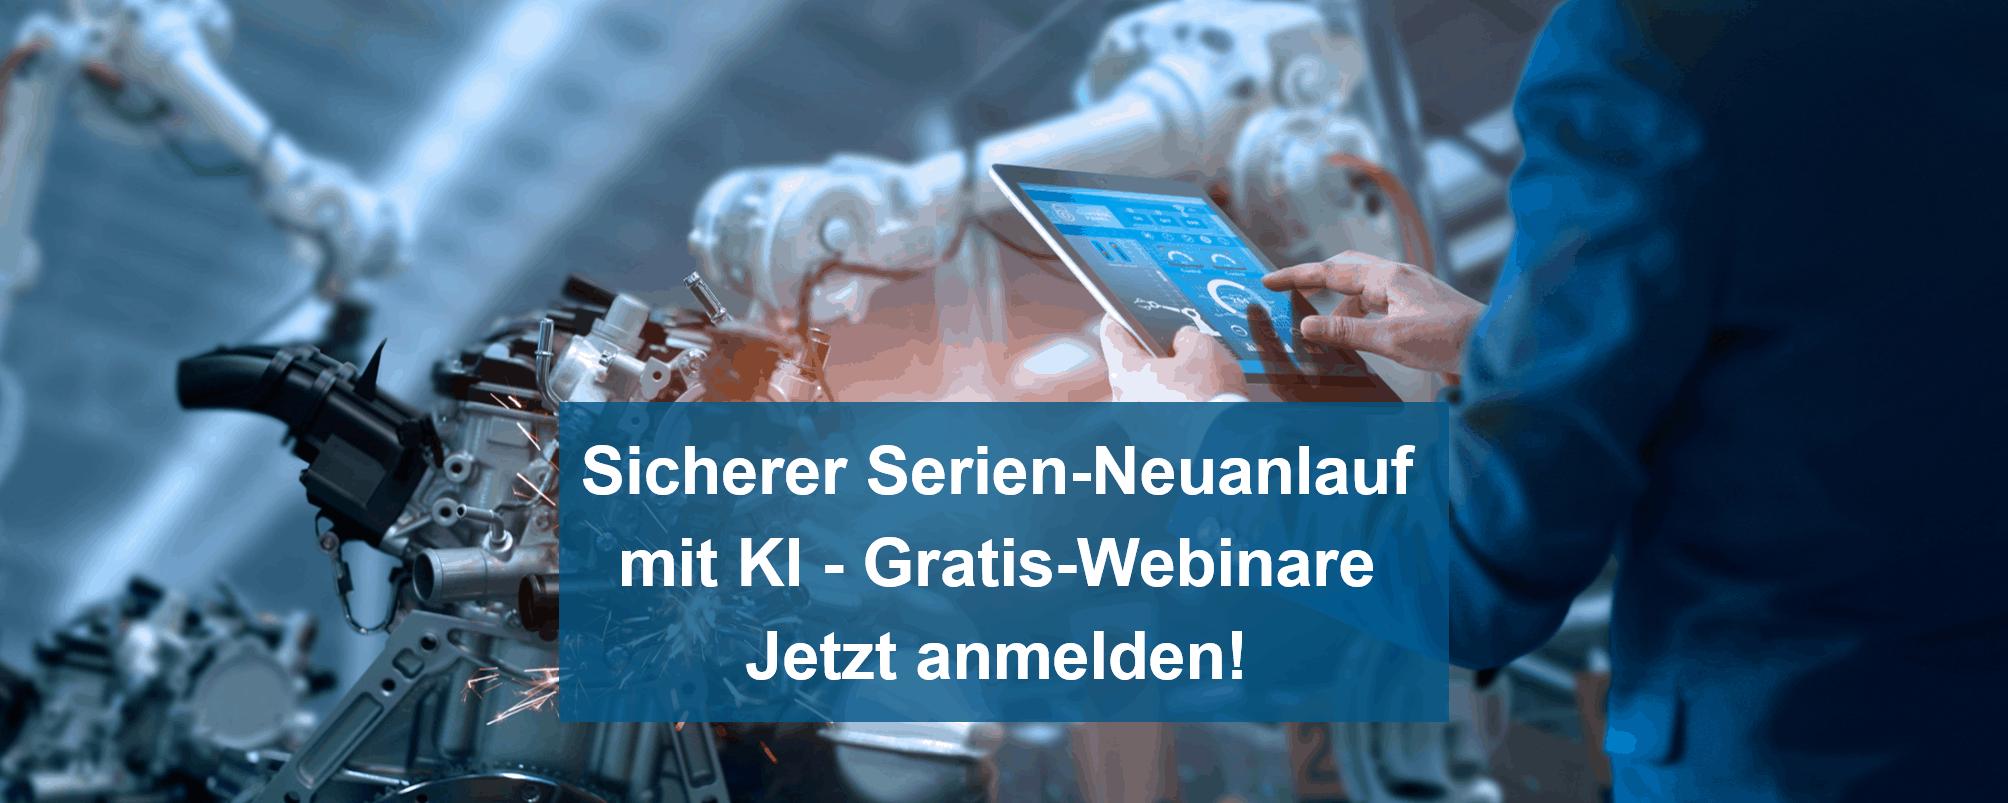 Sicherer Serien-Neuanlauf mit KI – Gratis-Webinar am 1.12.2020 und 14.1.2021